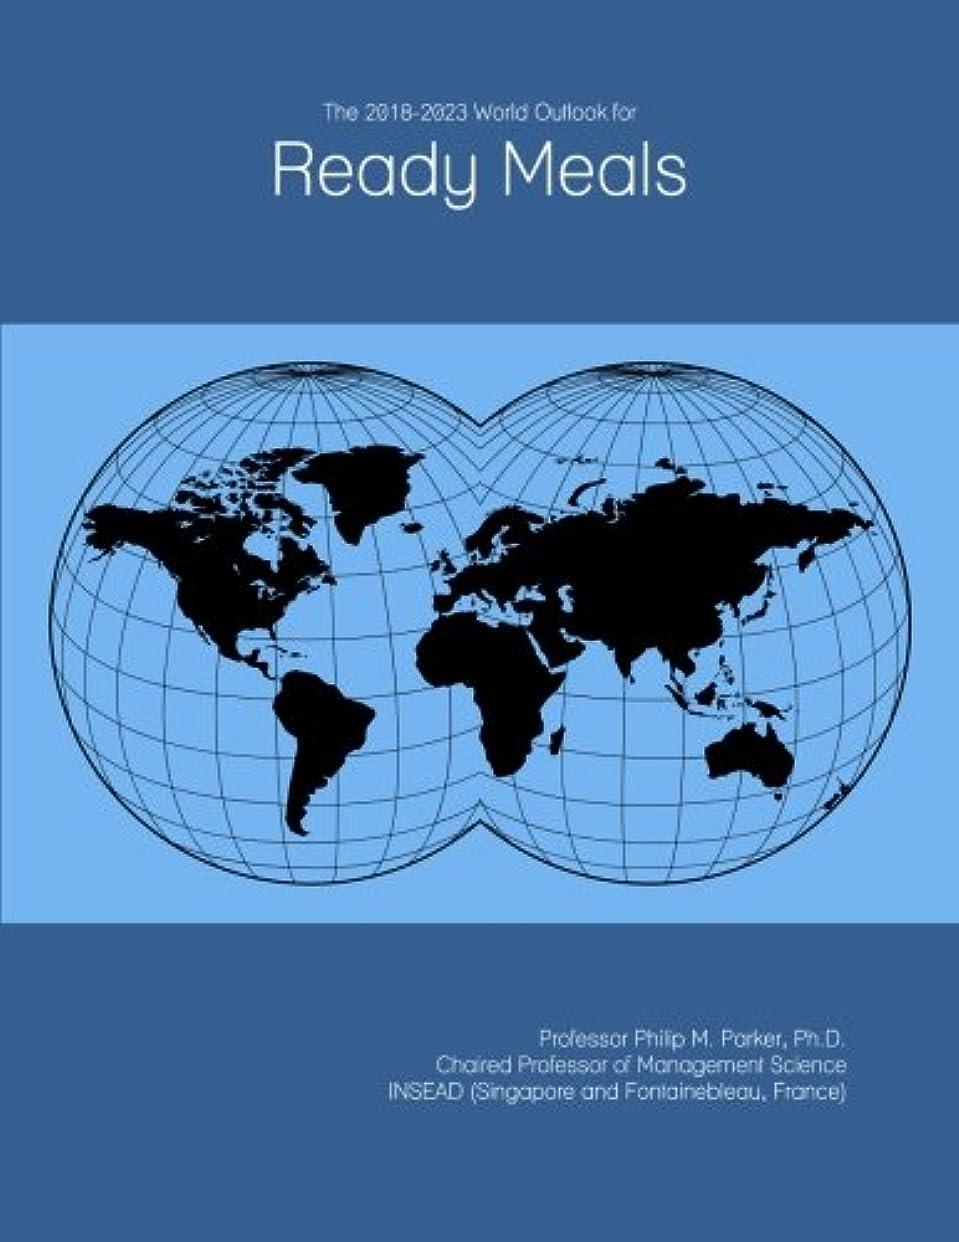 雇用者処方する踏みつけThe 2018-2023 World Outlook for Ready Meals